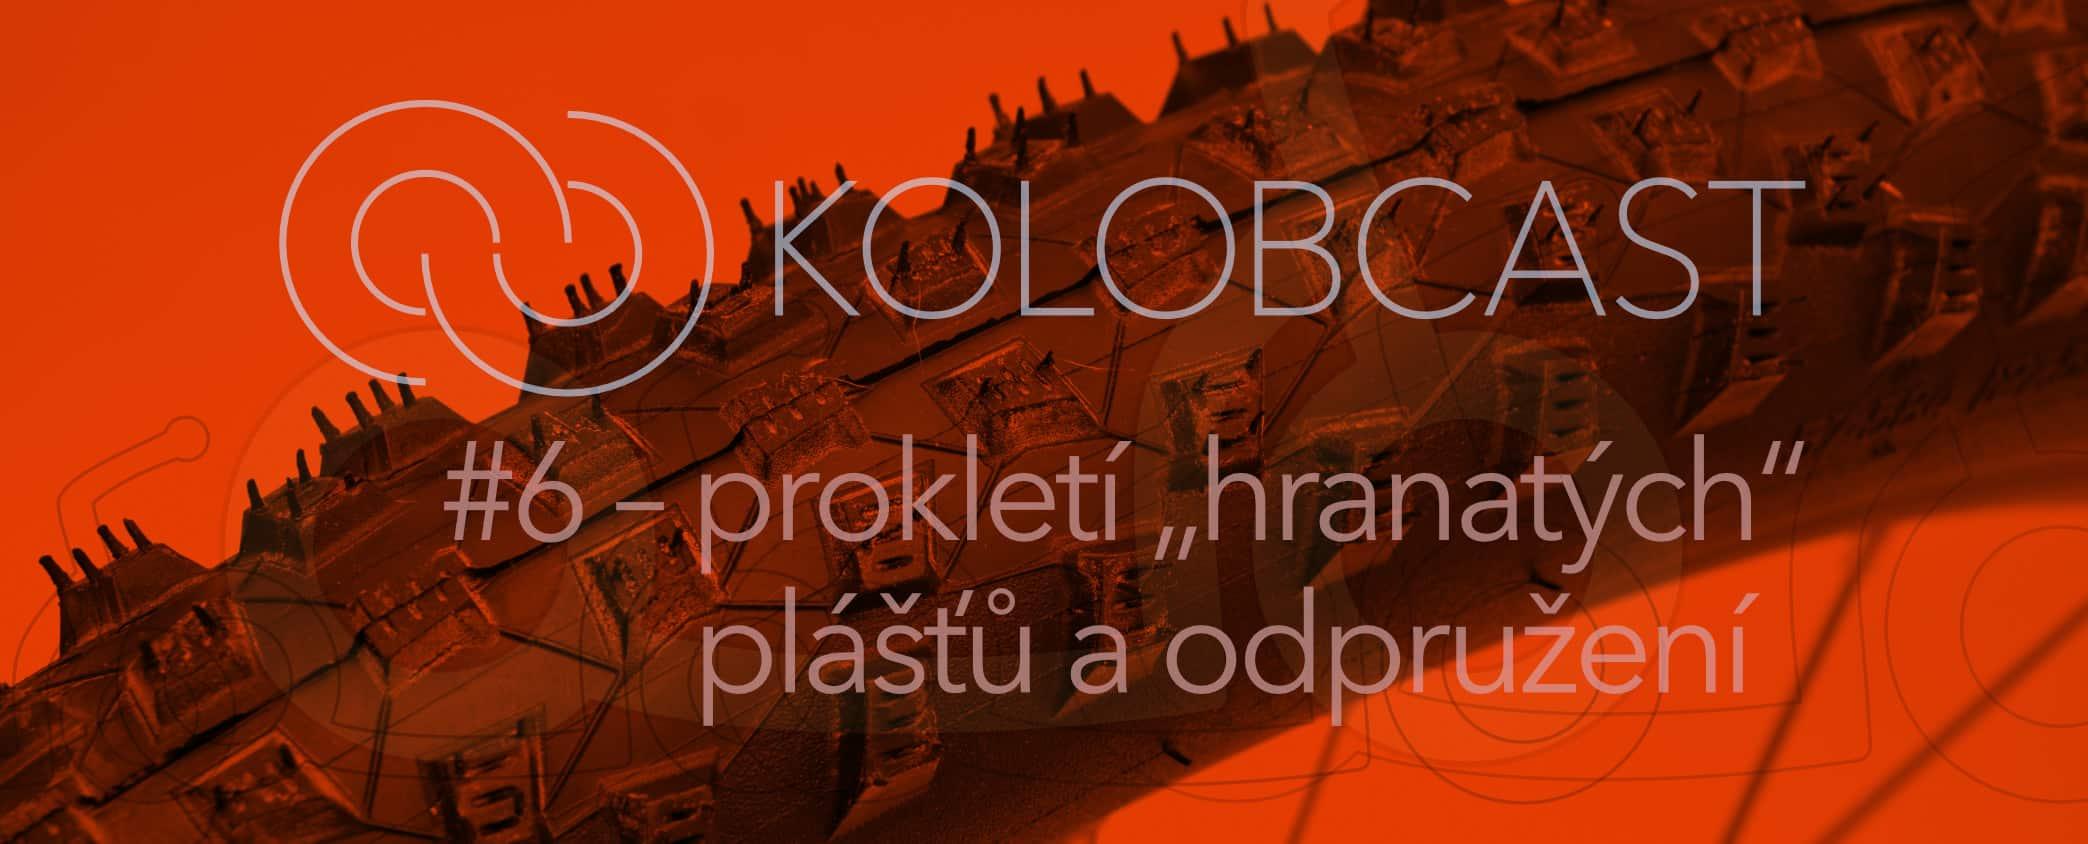 """Kolobcast #6:Prokletí """"hranatých"""" plášťů a odpružení koloběžek"""